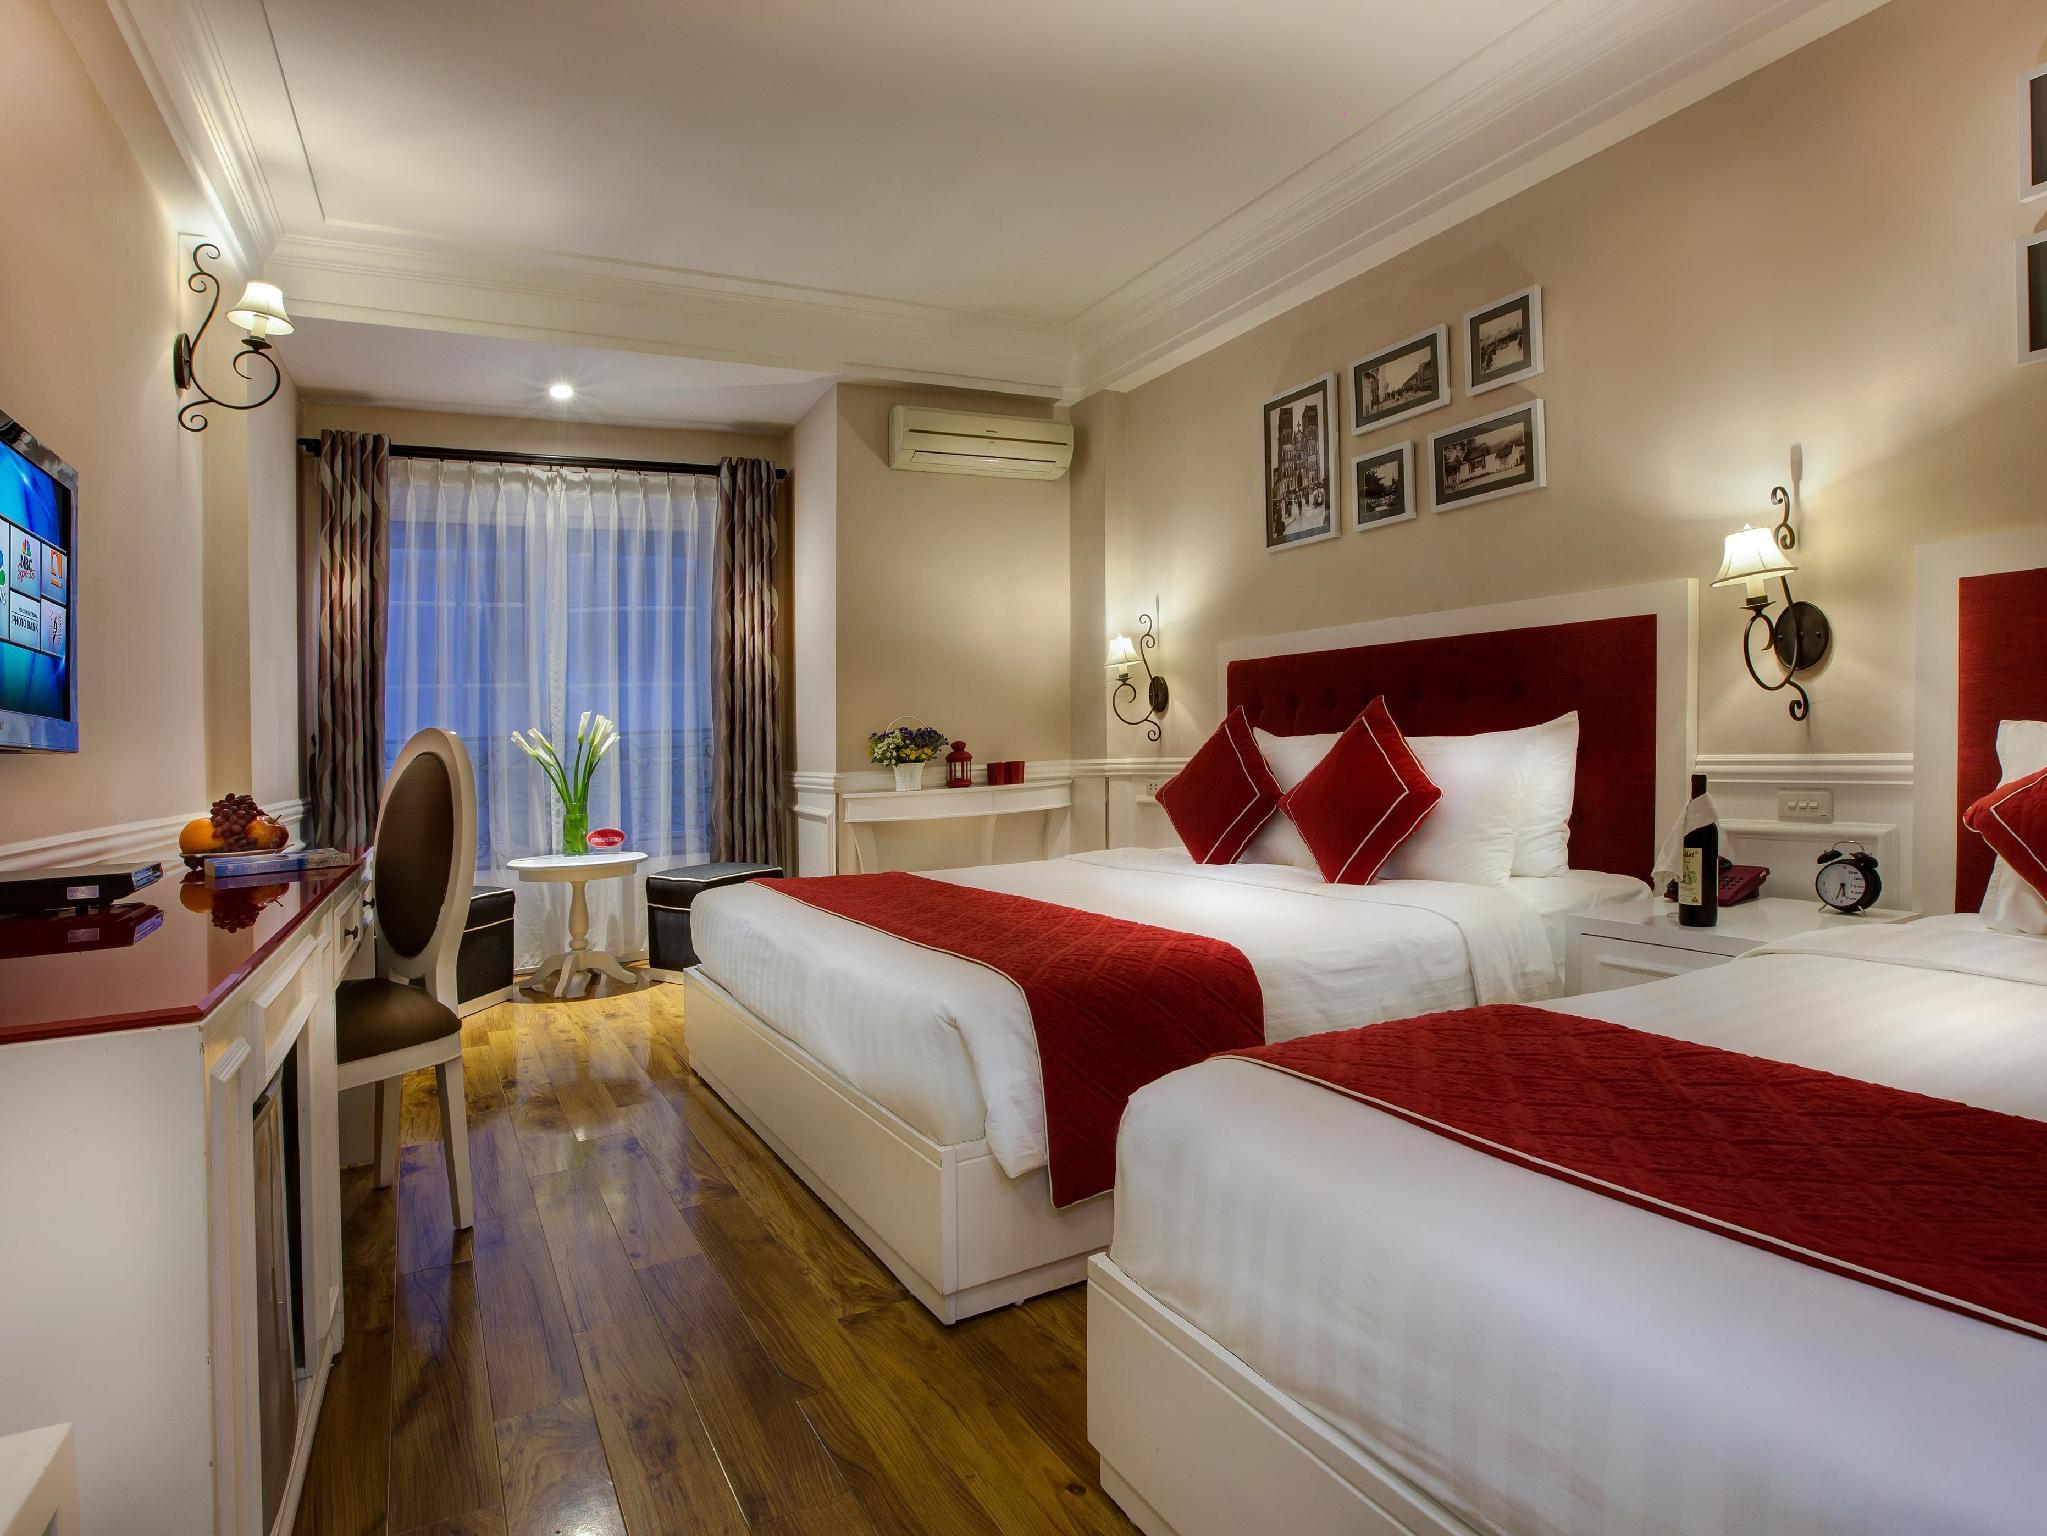 Calypso Suites Hotel - Hanoi